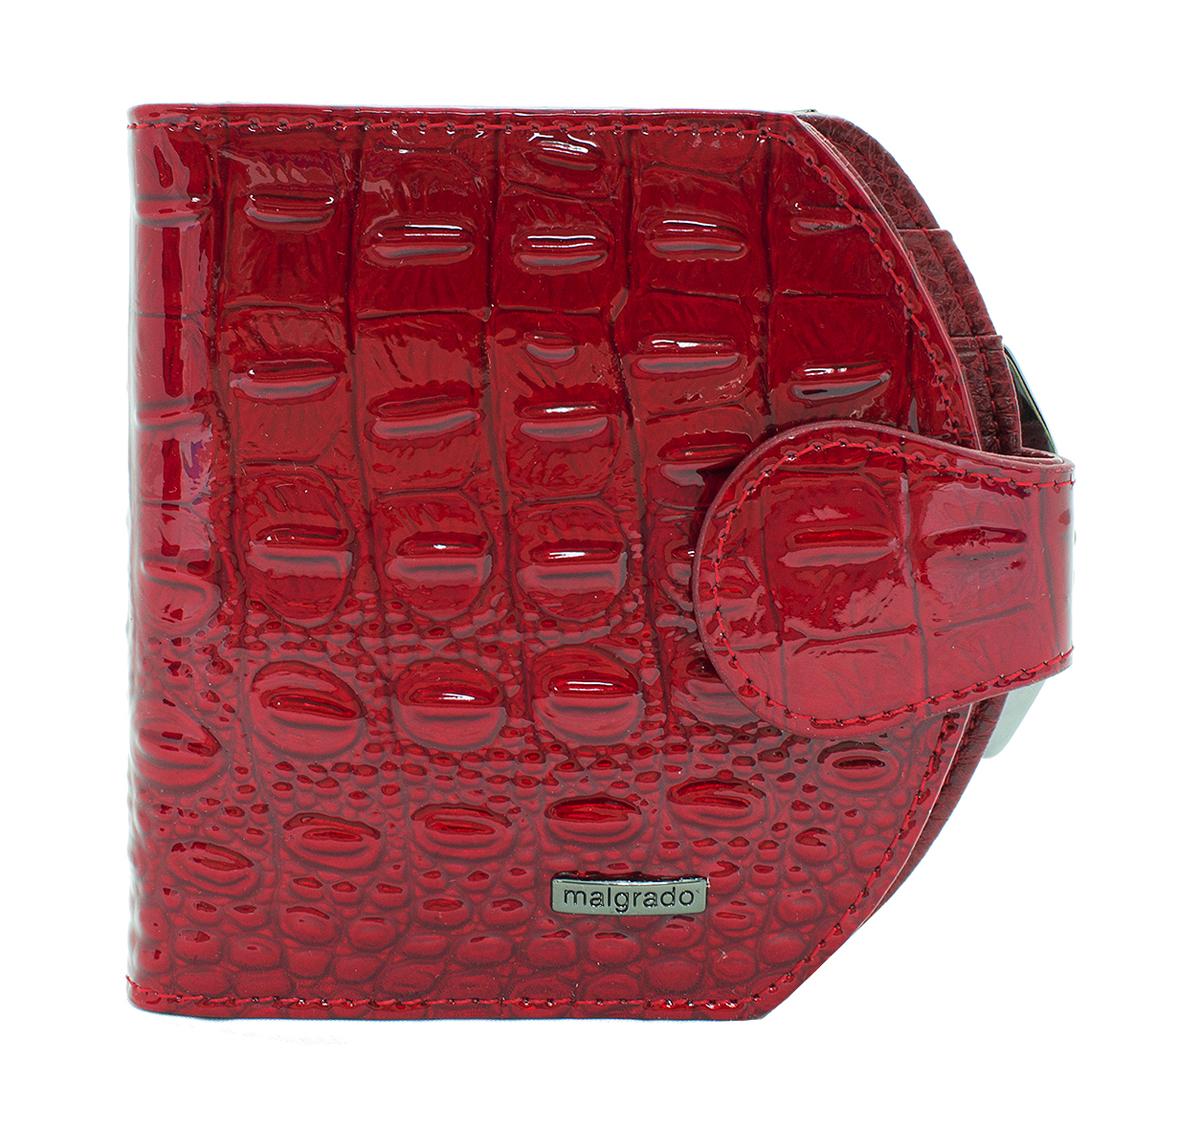 Кошелек женский Malgrado, цвет: красный. 41007-0170141007-01701# Red Кошелек Сред. MalgradoСтильный кошелек Malgrado изготовлен из натуральной кожи красного цвета высшего качества с тиснением под рептилию. Внутри два глубоких кармана для купюр, три кармашка для визиток, один пластиковый кармашек для фото. Сзади расположен карман на защелке для мелочи. Кошелек закрывается хлястиком на кнопку. Кошелек упакован в коробку из плотного картона с логотипом фирмы. Такой кошелек станет замечательным подарком человеку, ценящему качественные и практичные вещи.